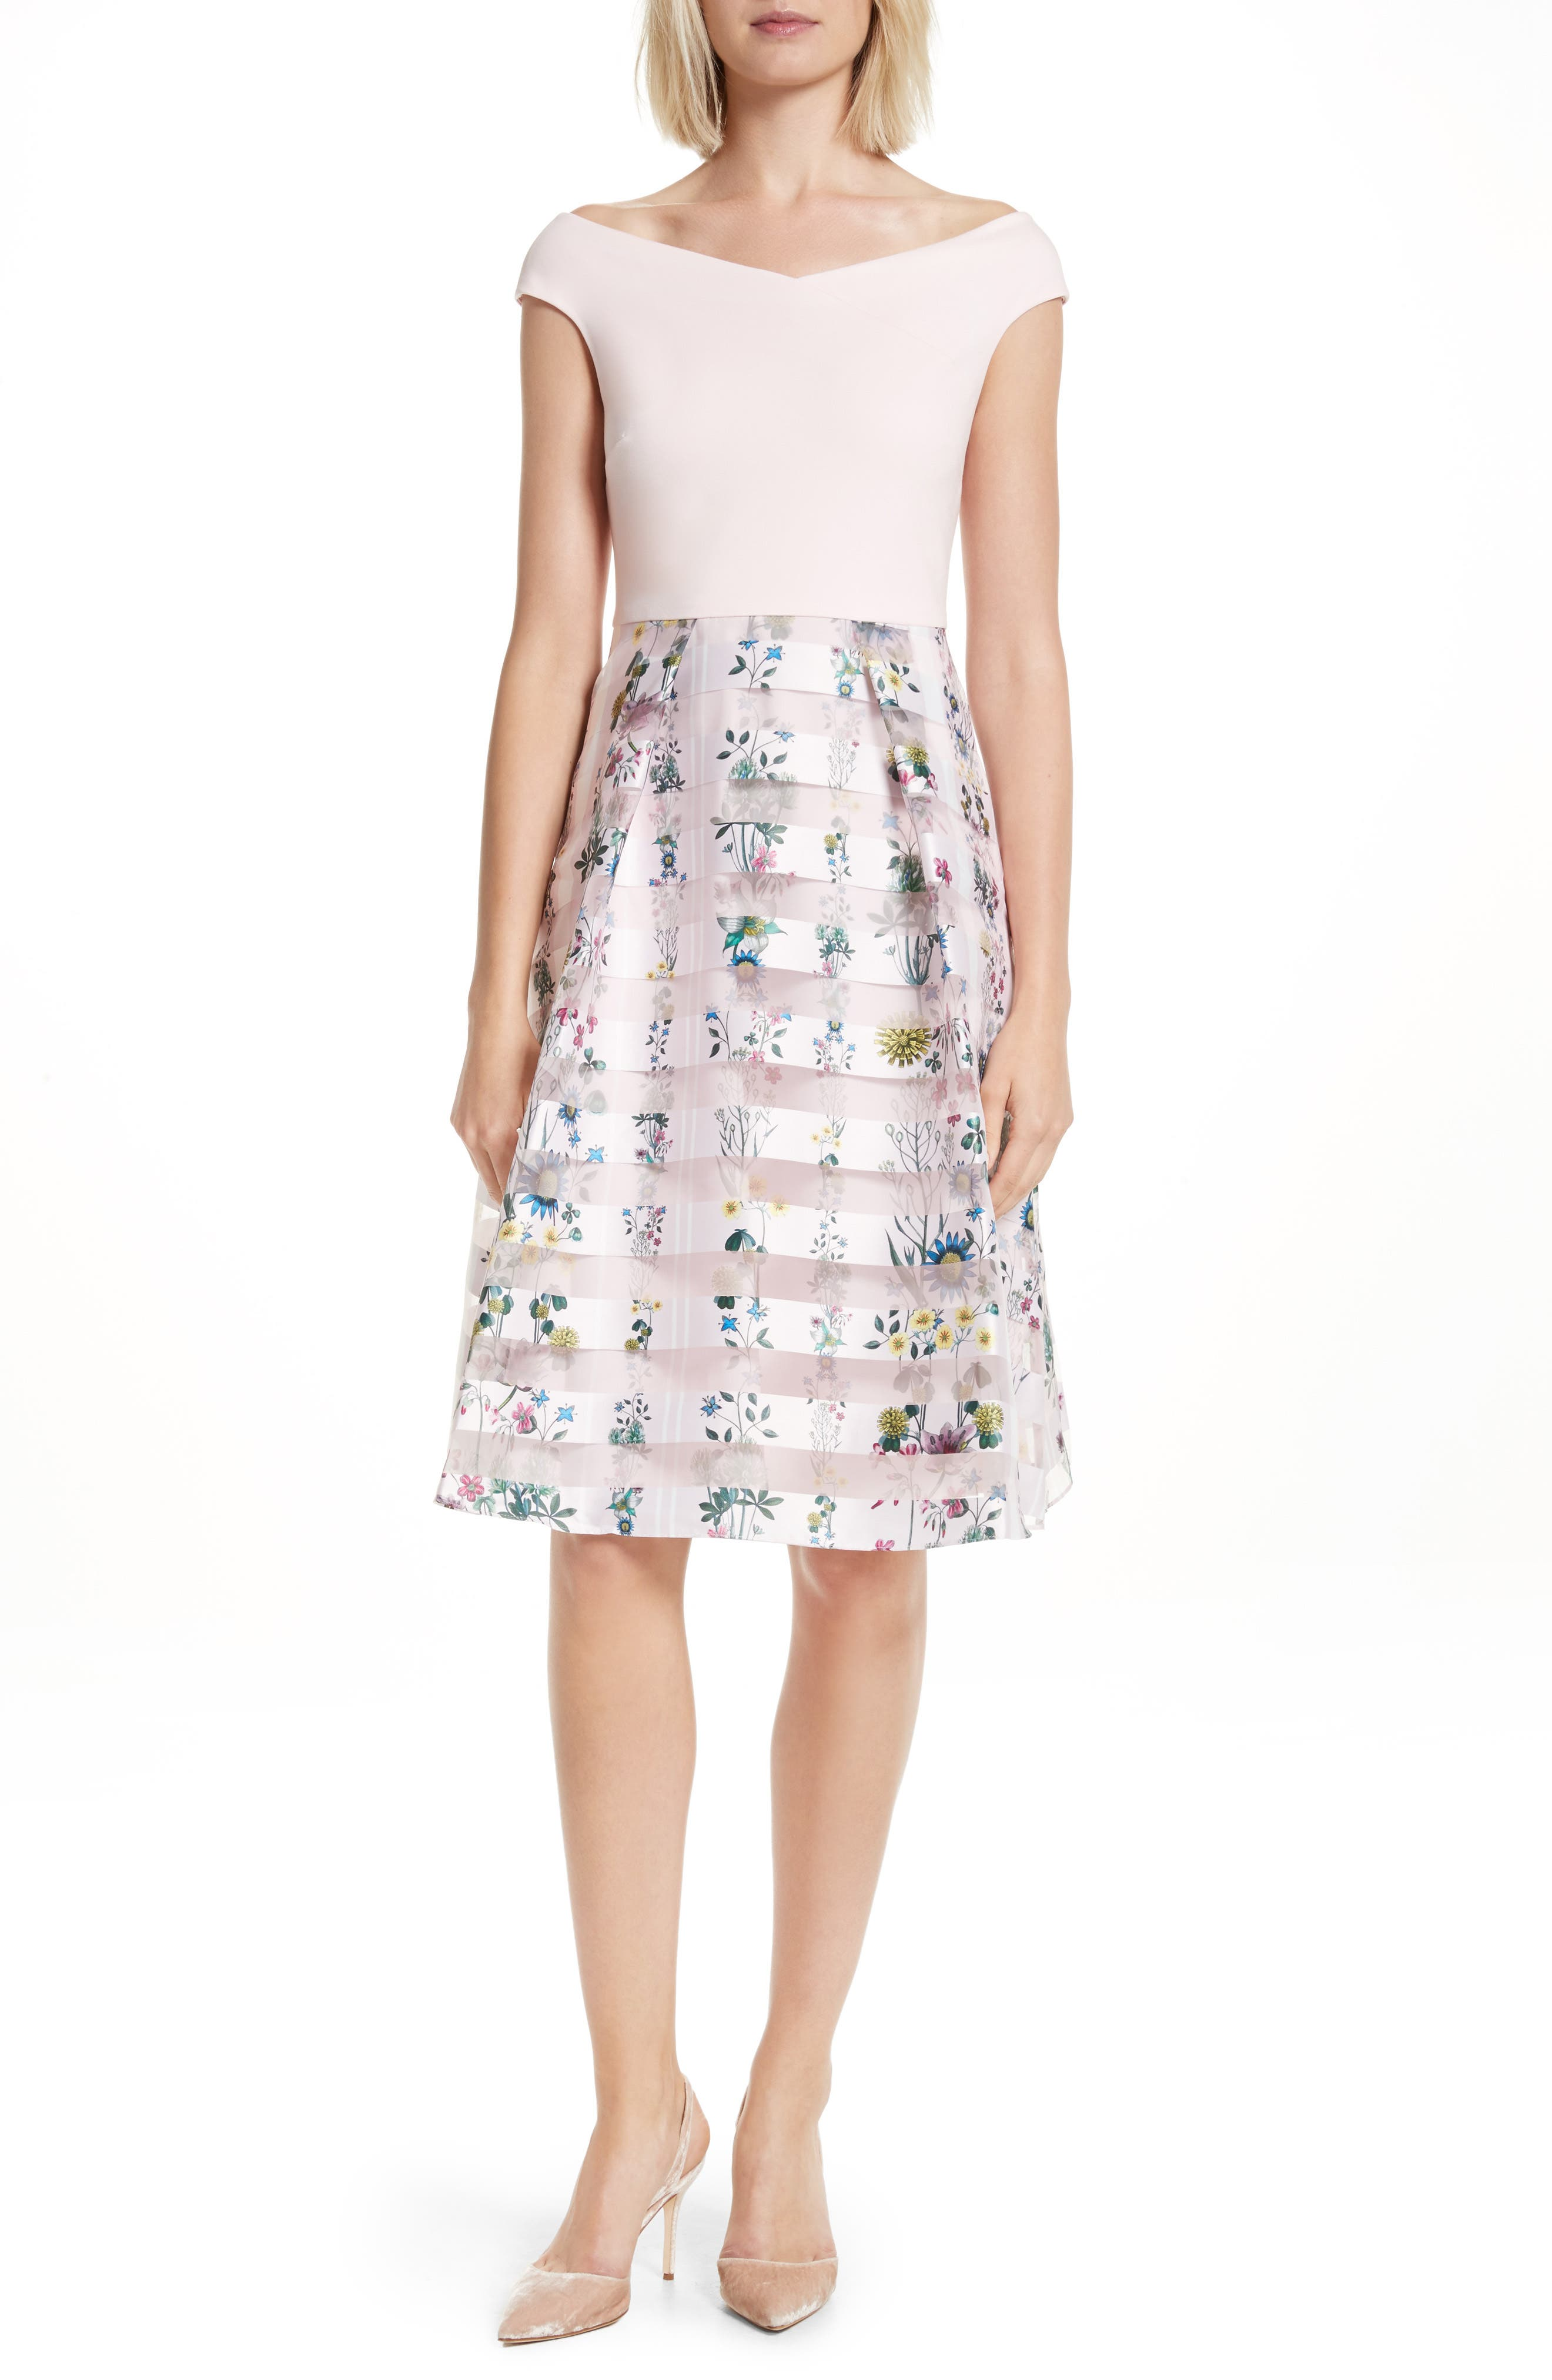 Alternate Image 1 Selected - Ted Baker London Lulou Unity Floral Off the Shoulder Dress